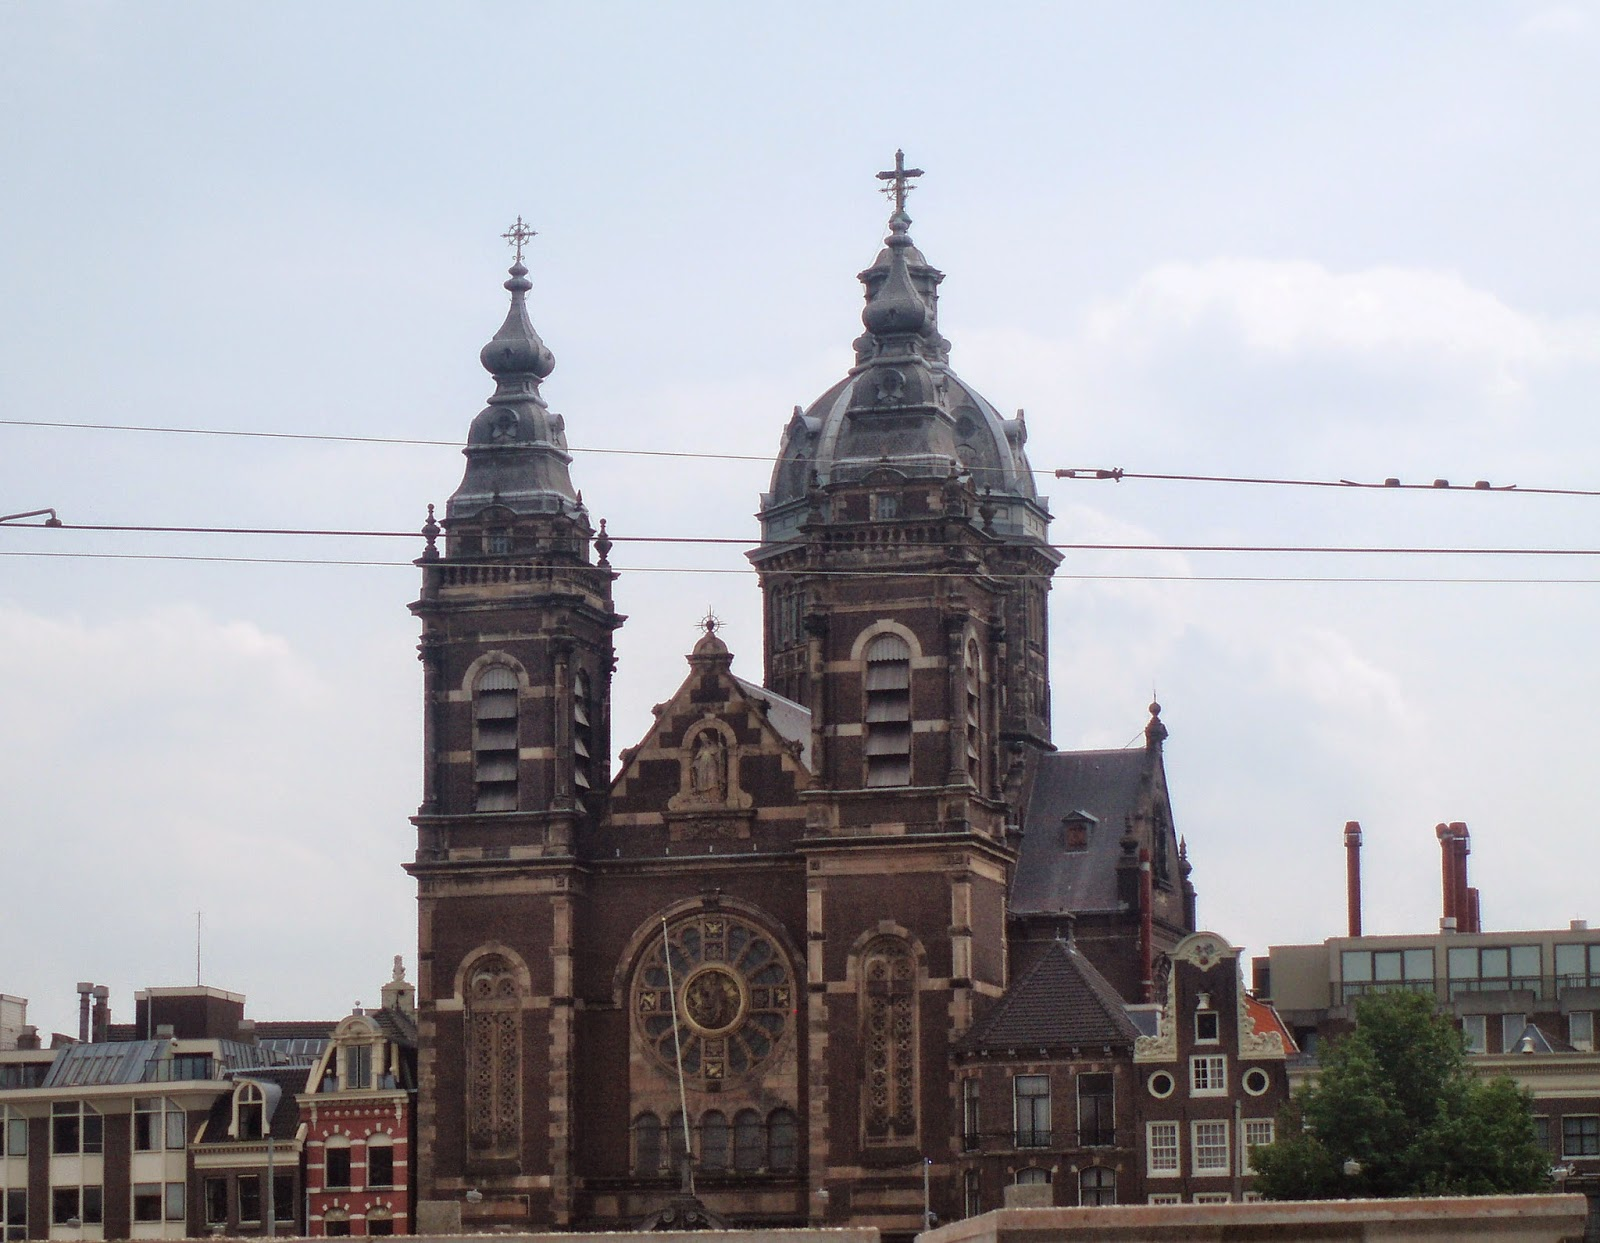 Basilica of St. Nicholas